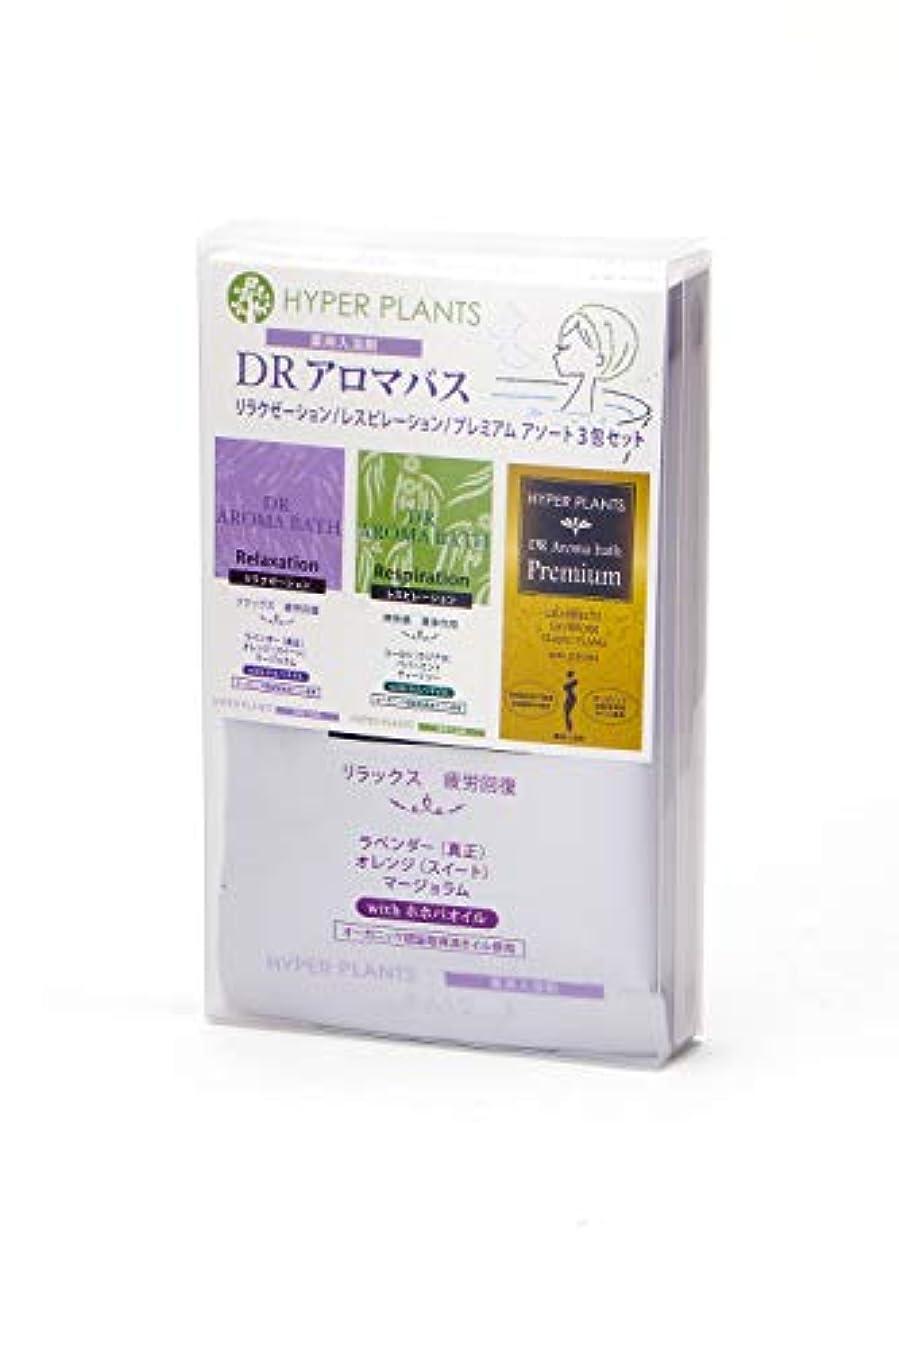 自我親知らせる医薬部外品 薬用入浴剤 ハイパープランツ DRアロマバス (リラクゼーション、レスピレーション、プレミアム) アソート3包セット